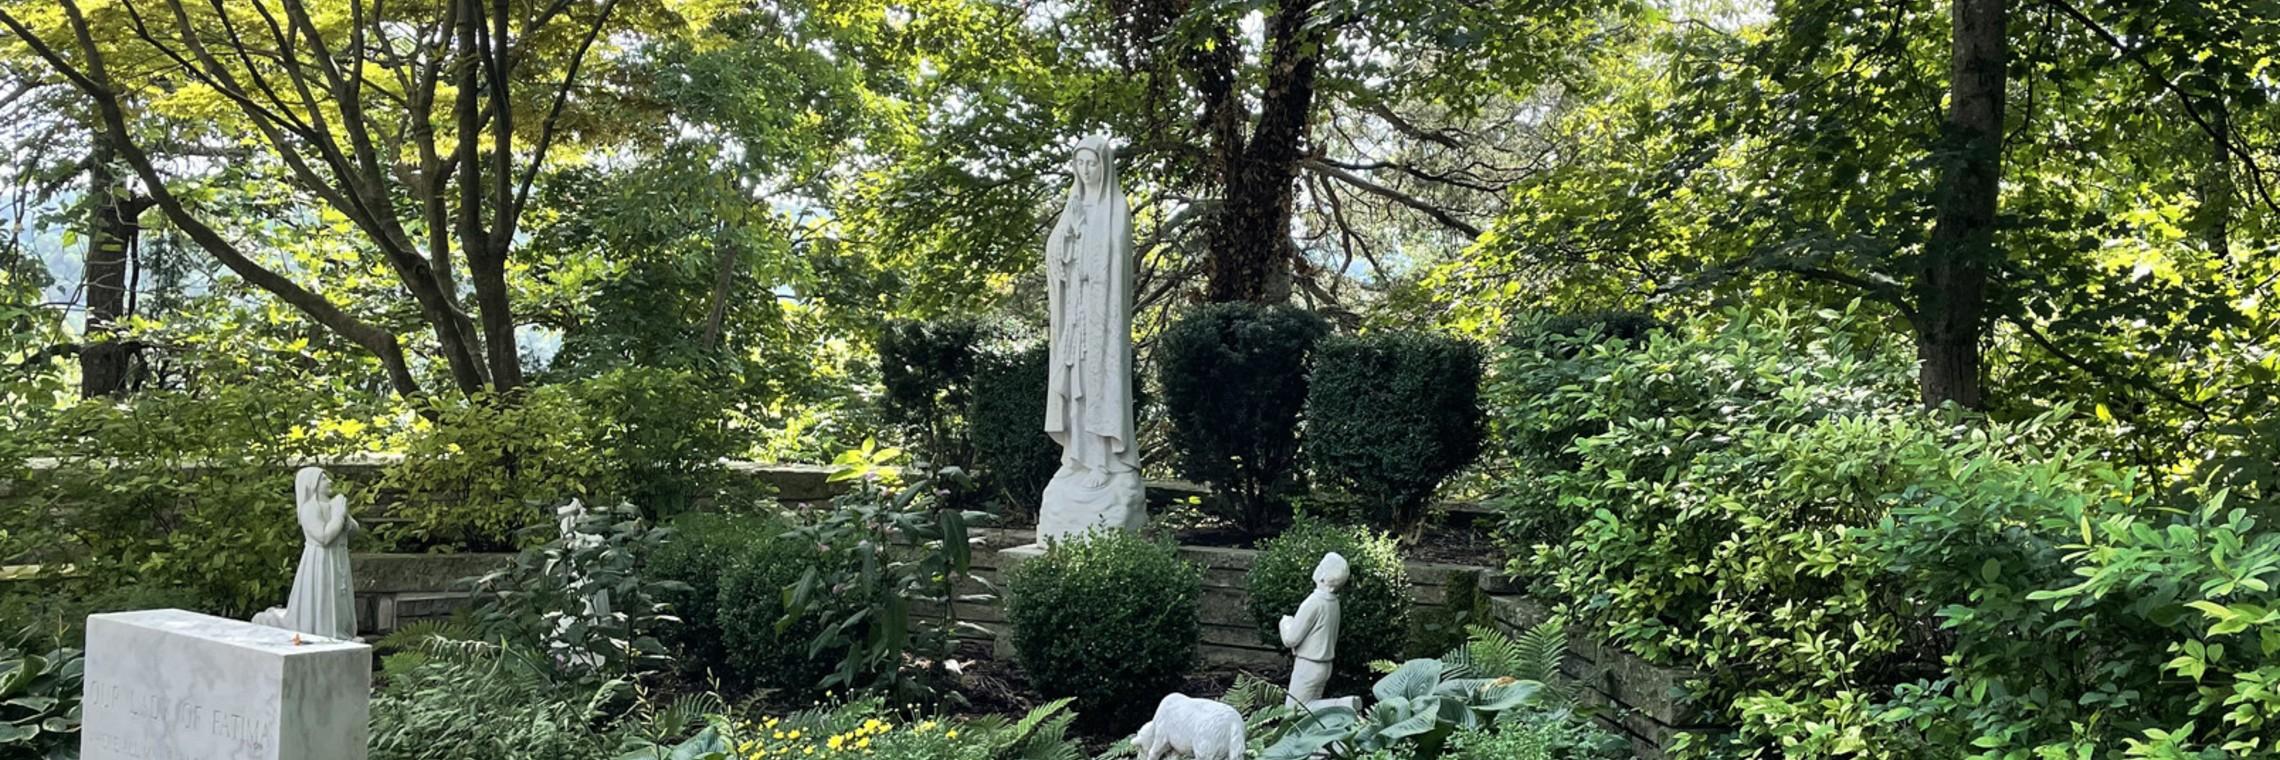 Church Gardens 3 Ken Burns